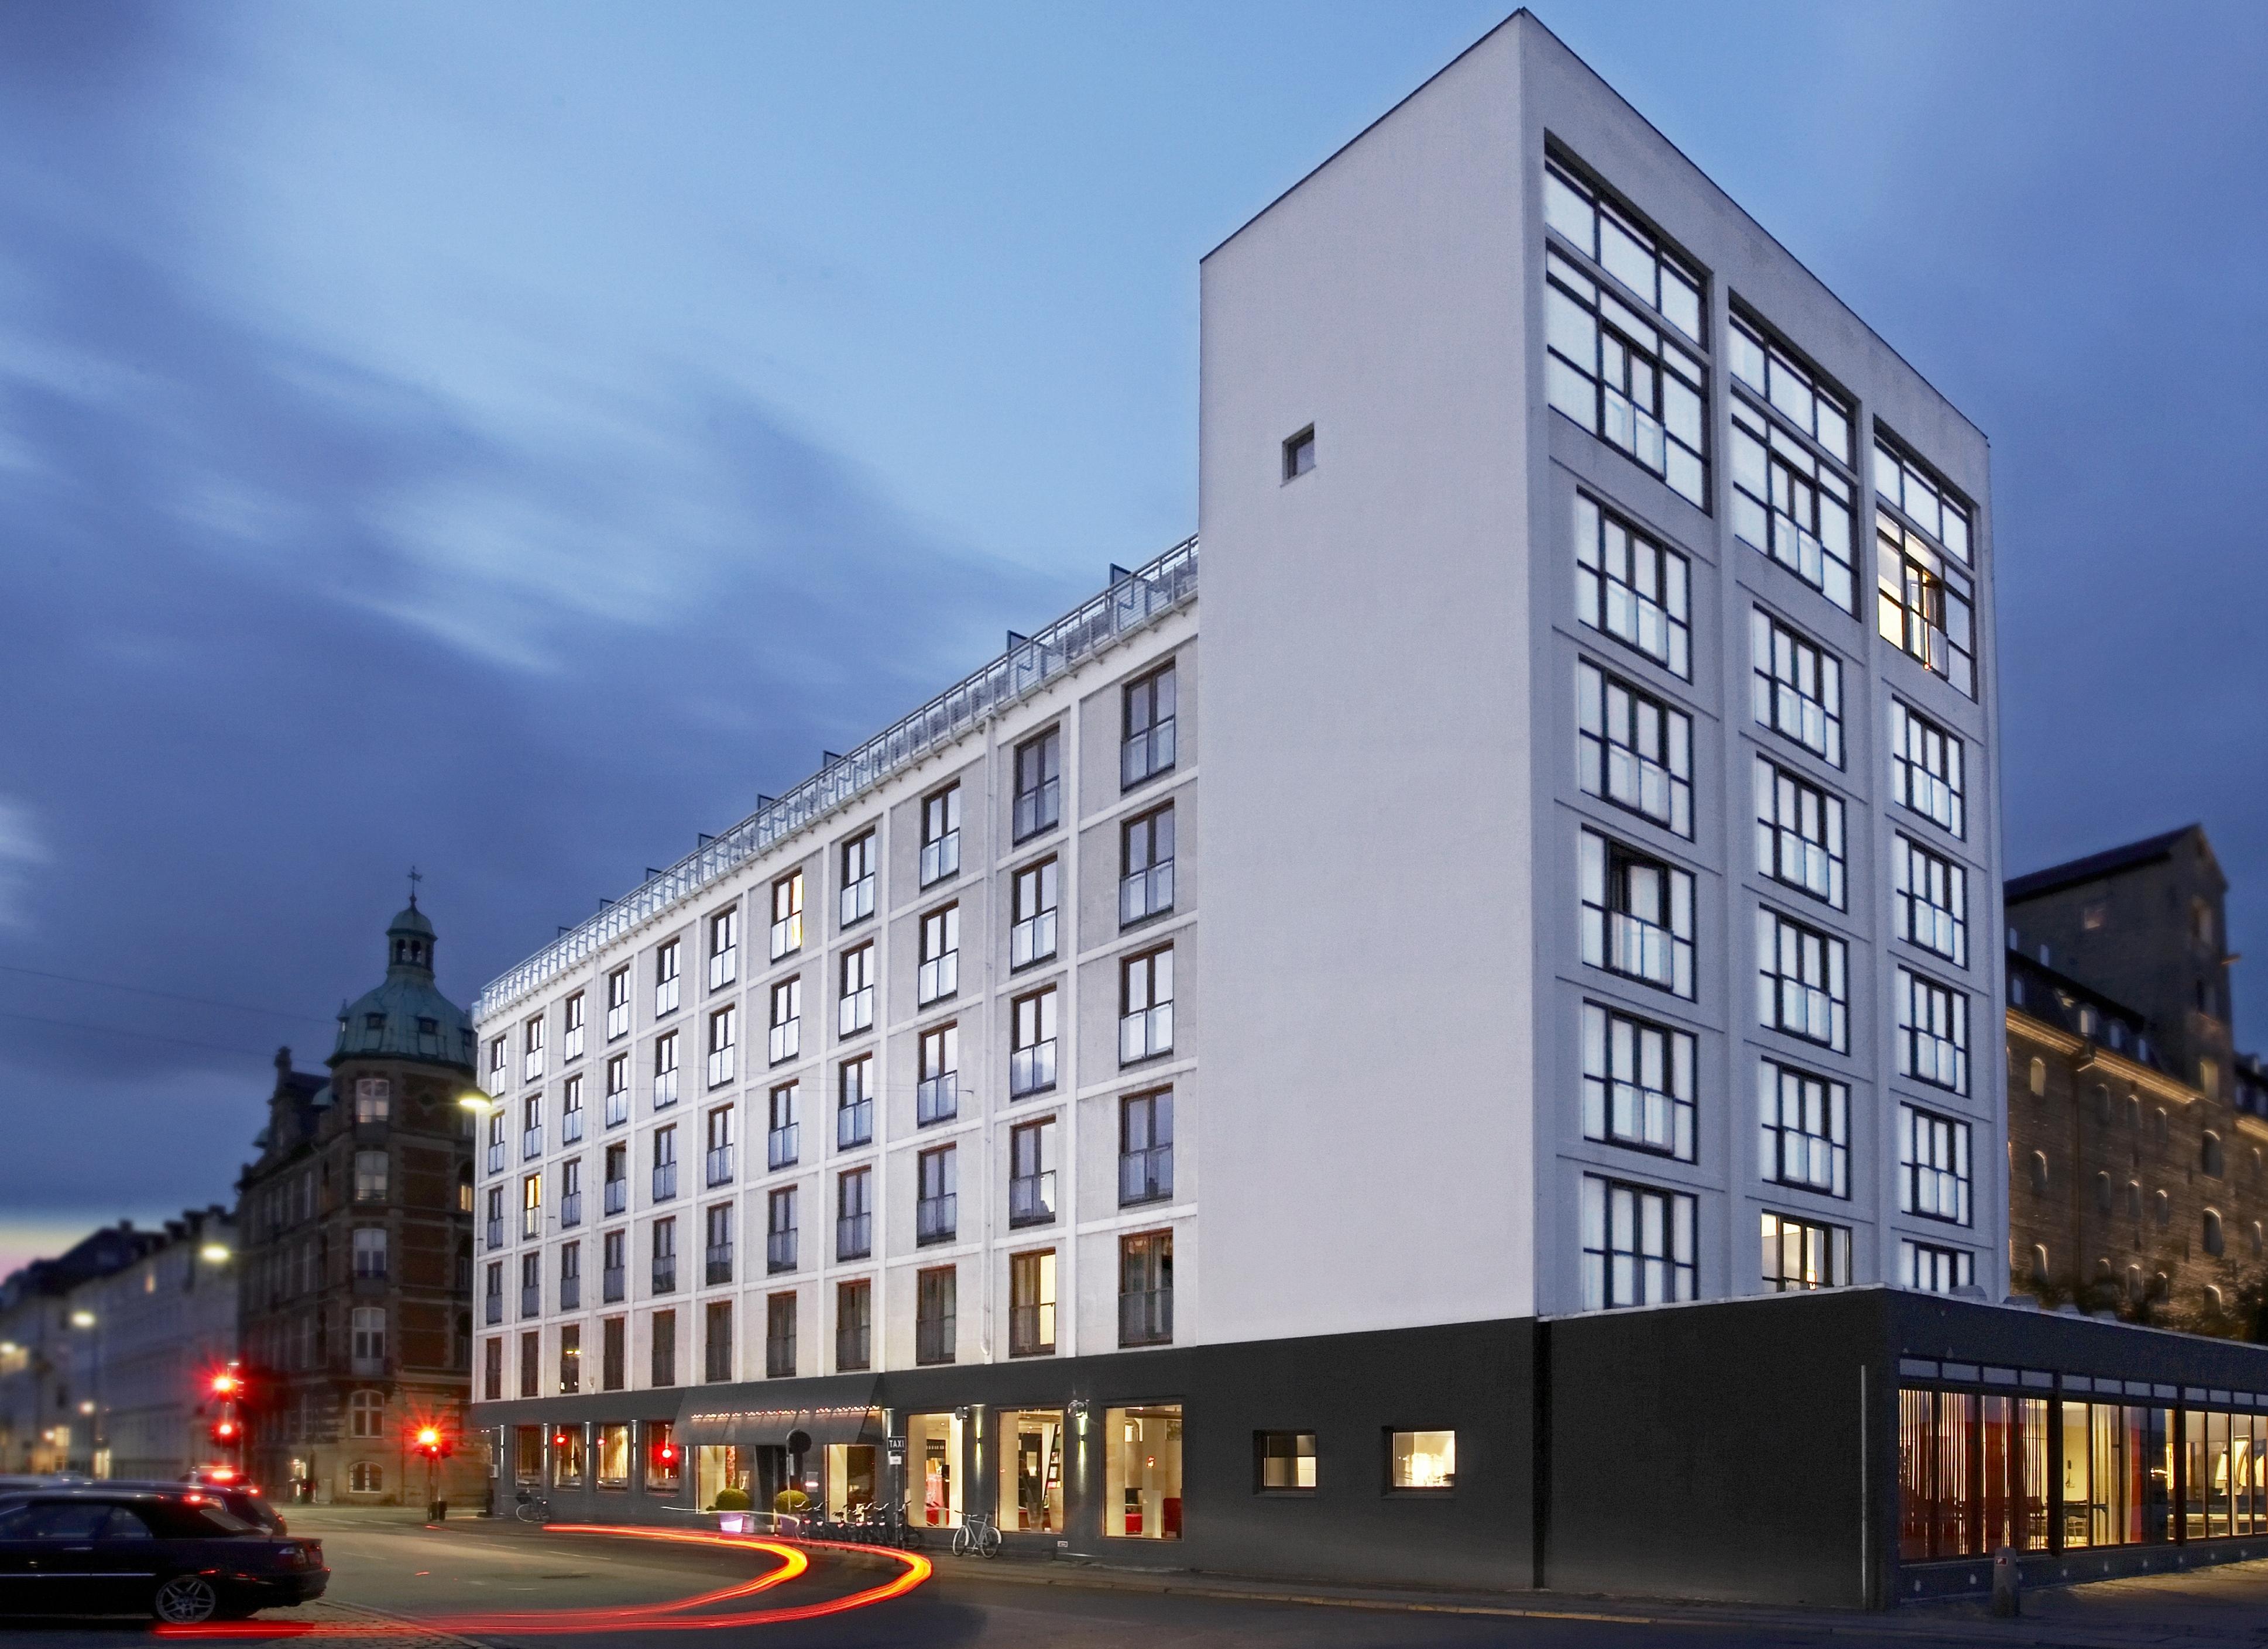 Et af Scandics hoteller i København er Front tæt på Nyhavn.